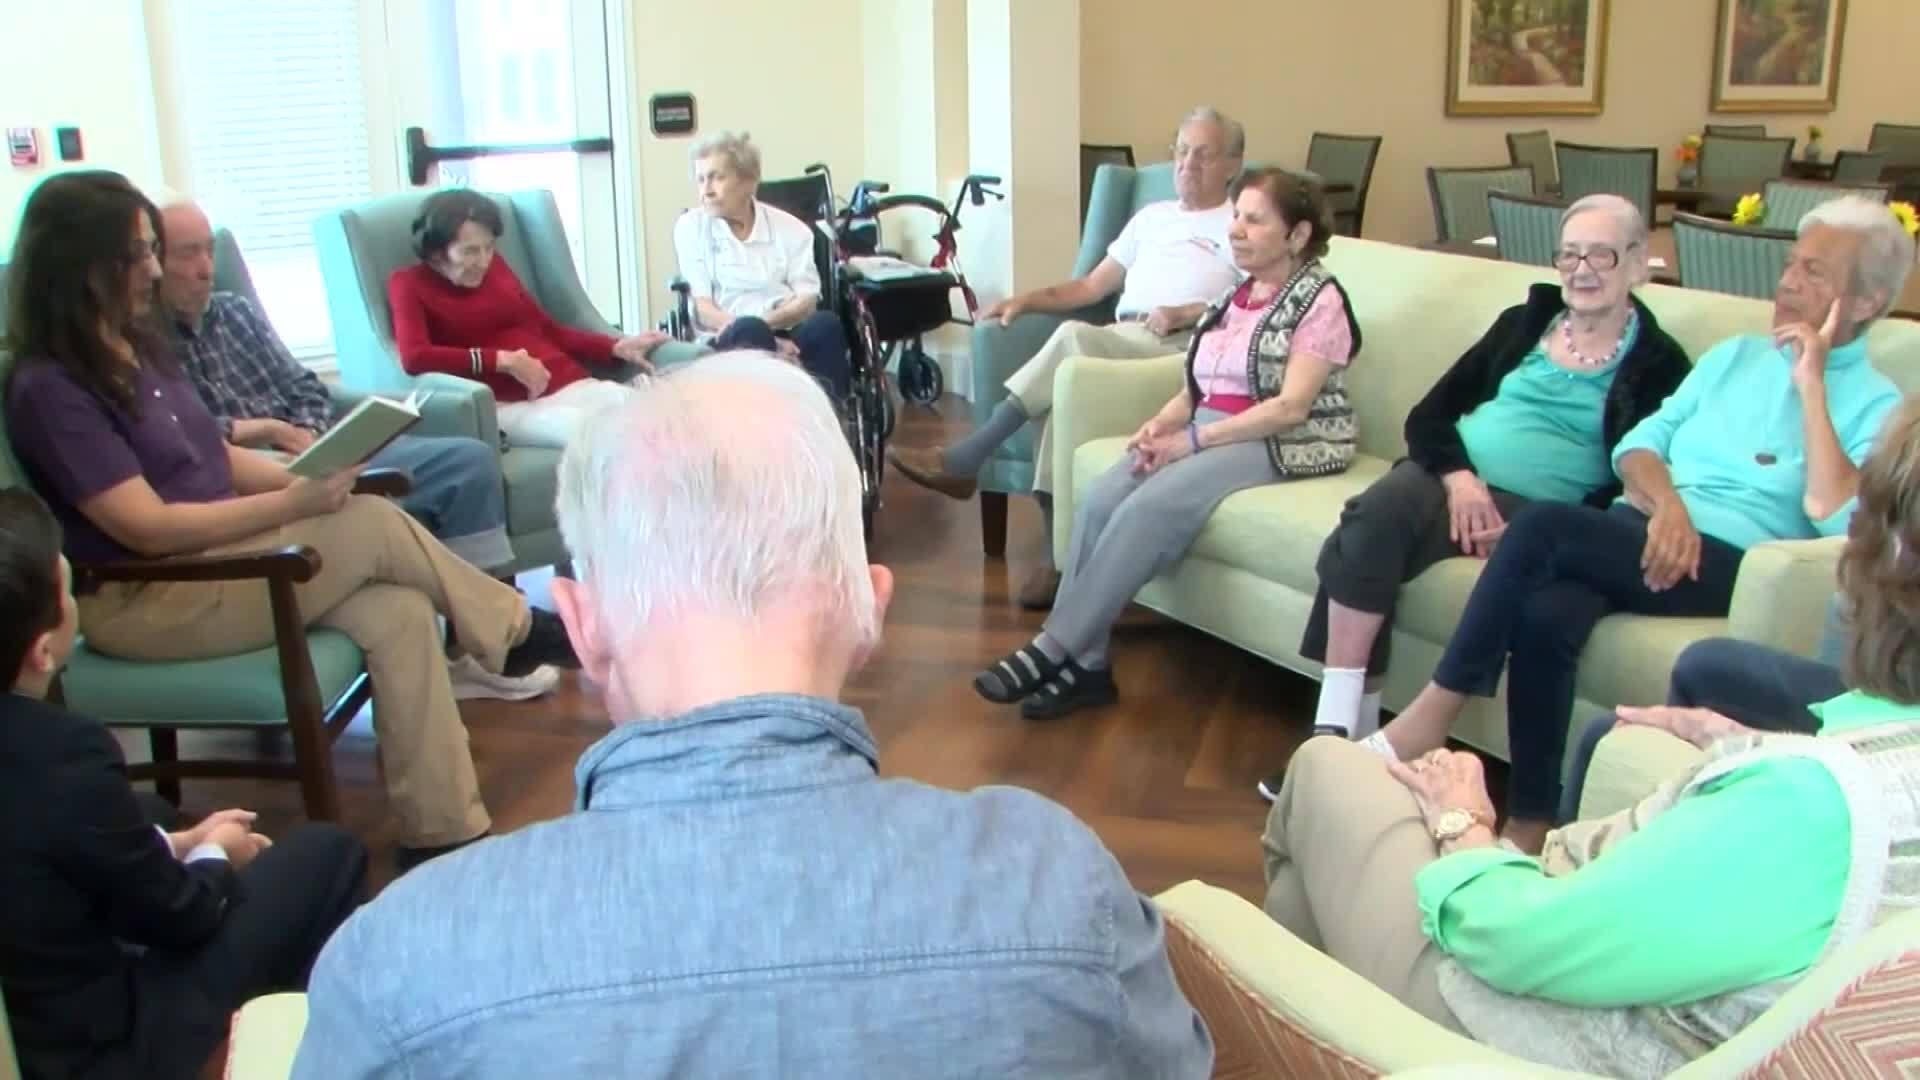 Dementia patients get help through stories